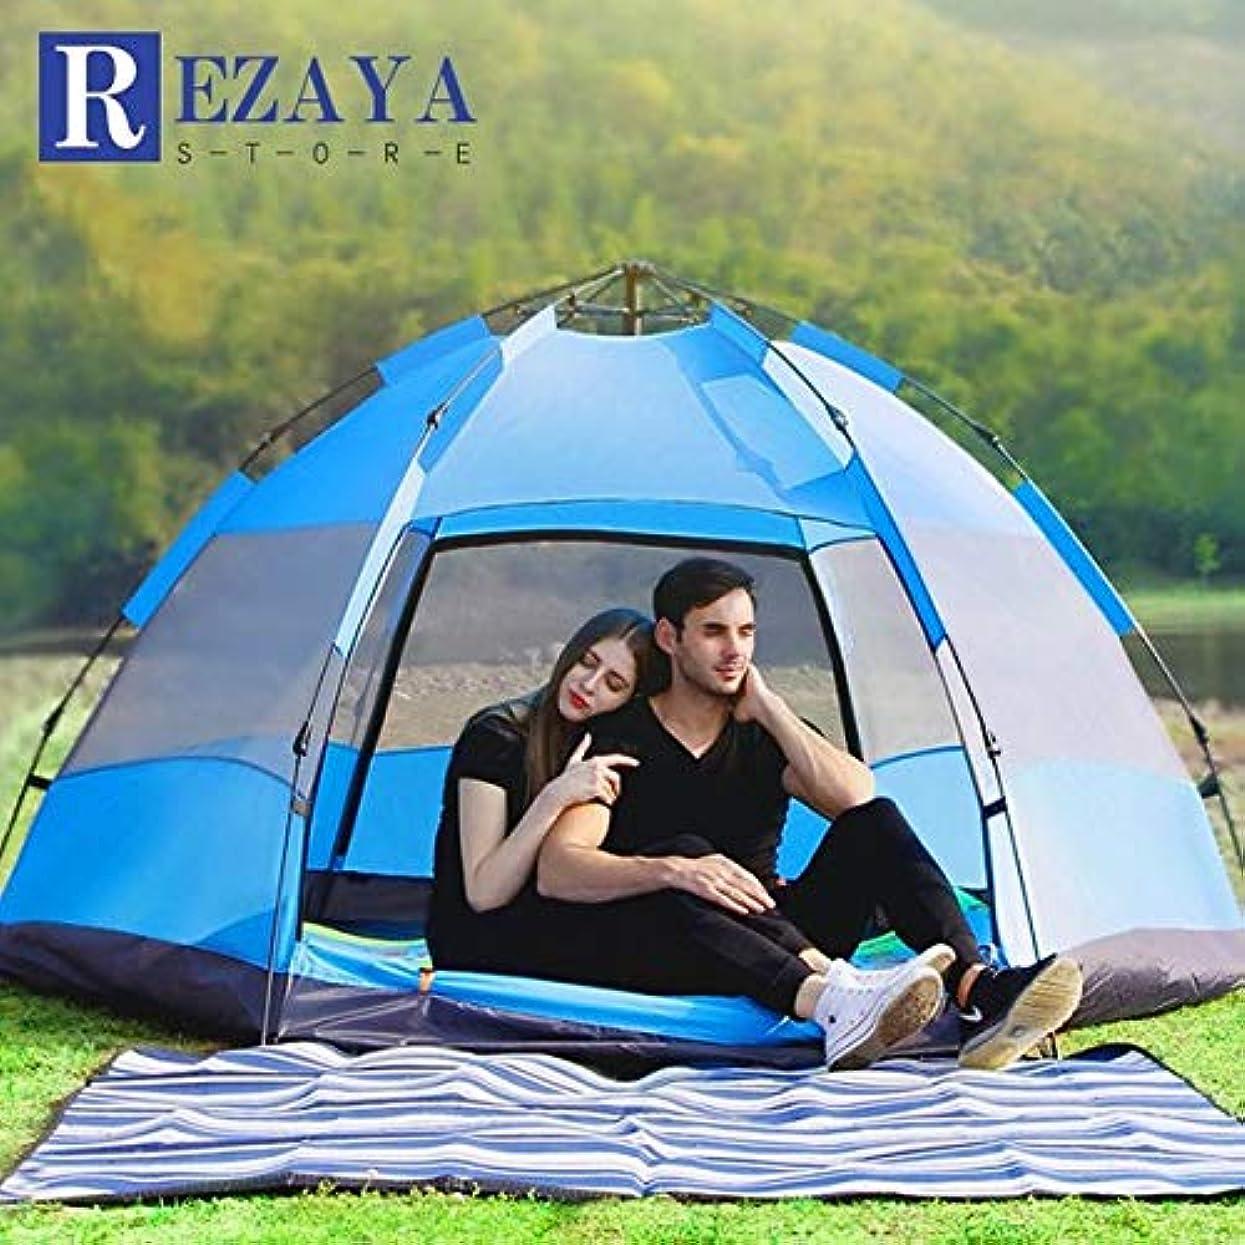 予備広大なランチワンタッチテント 簡易テント ポップアップテント キャンプテント ビーチテント テント 5-8人用 防水 サンシェード アウトドア 日除け 日よけ